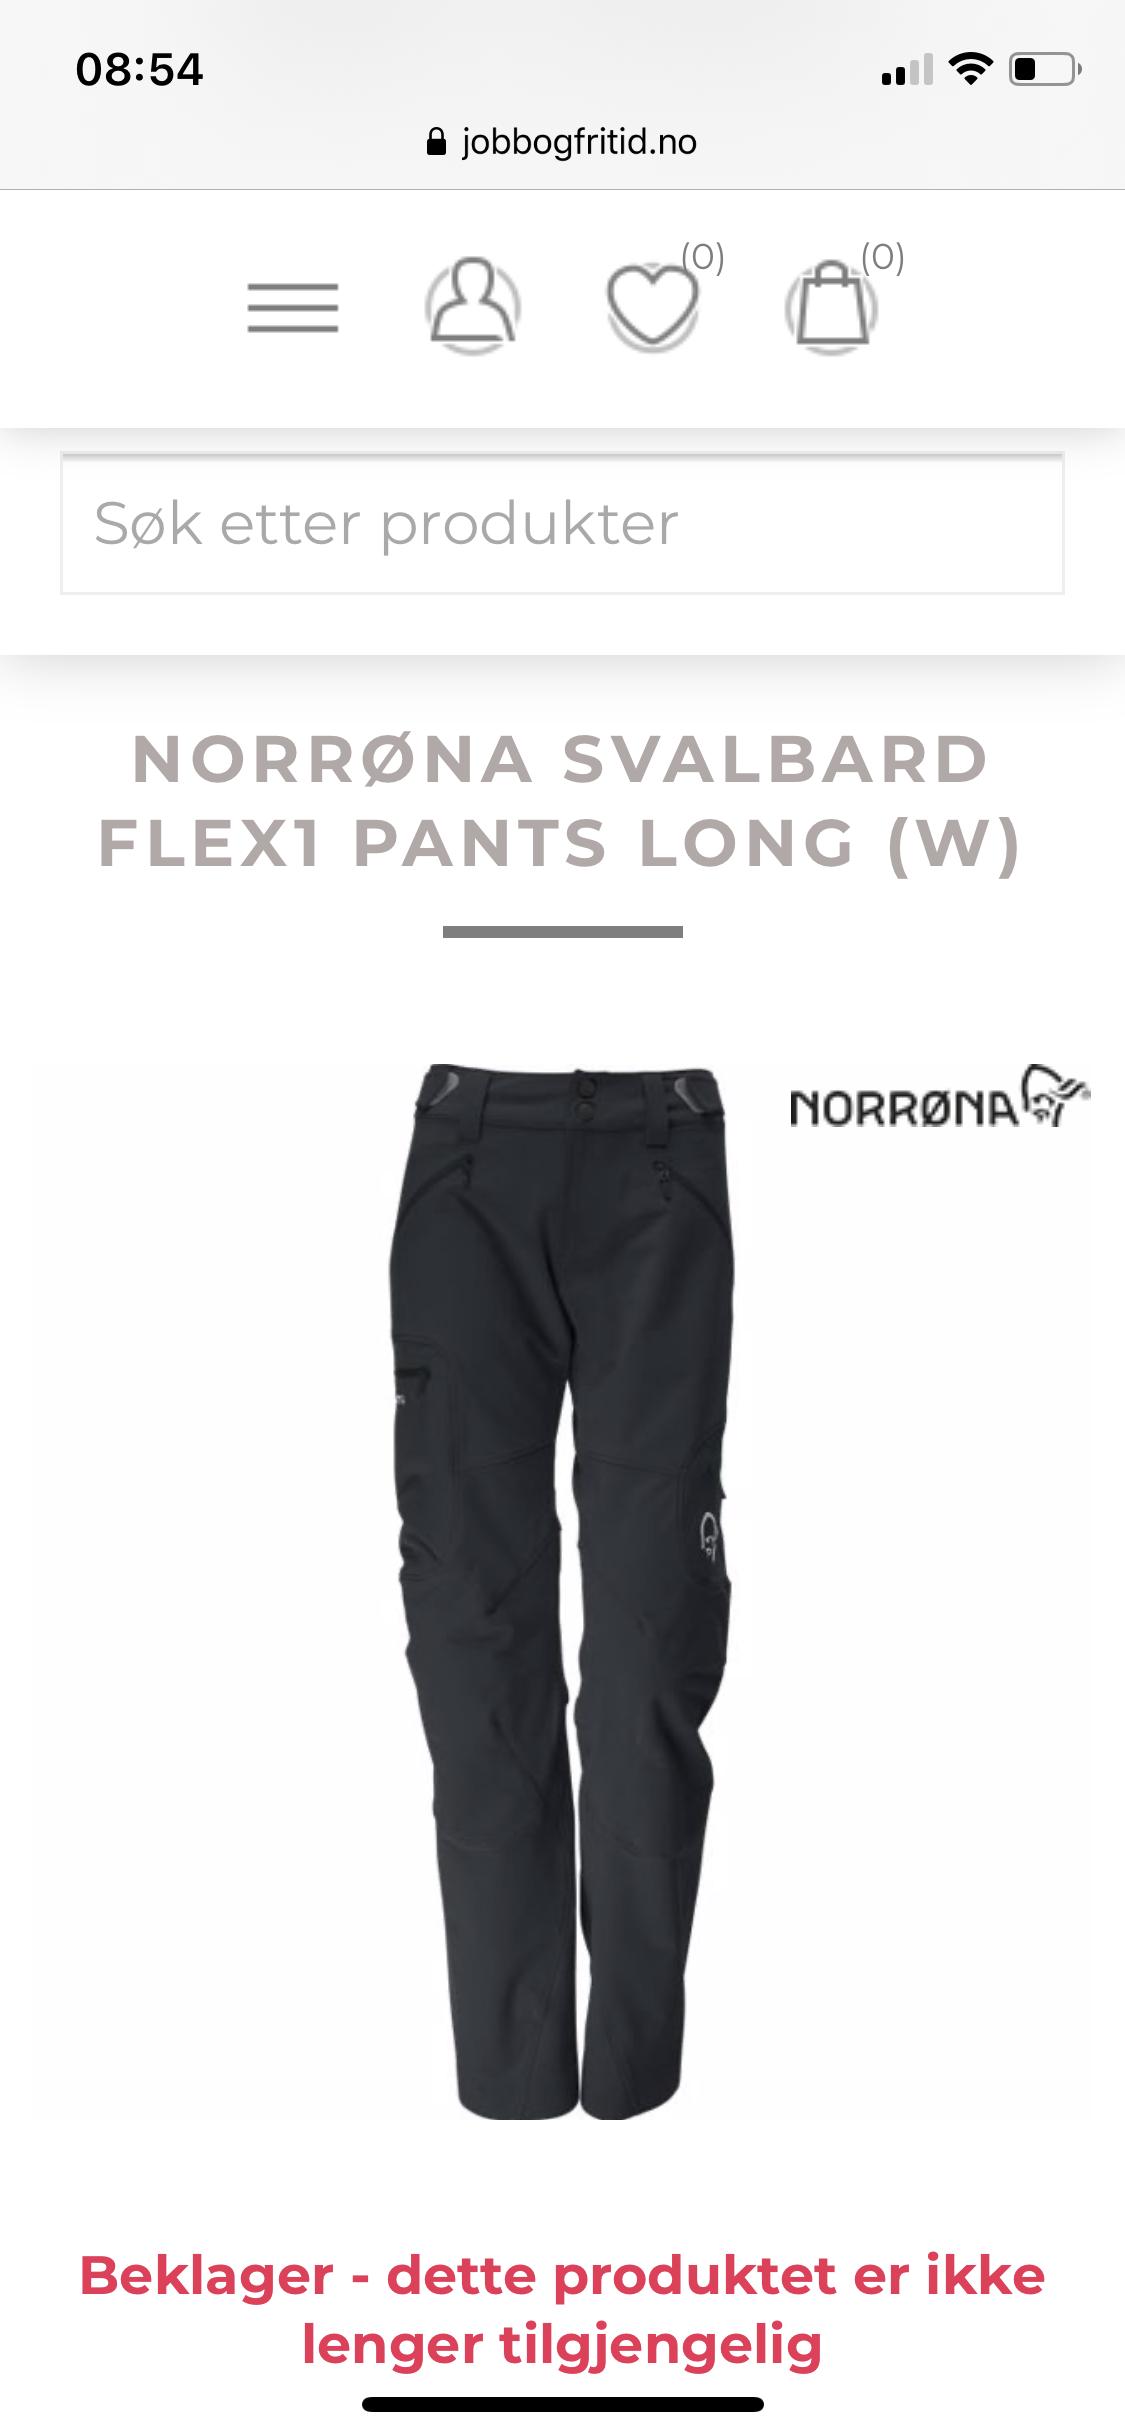 Norrøna Svalbard Flex1 L Ny bukse   FINN.no